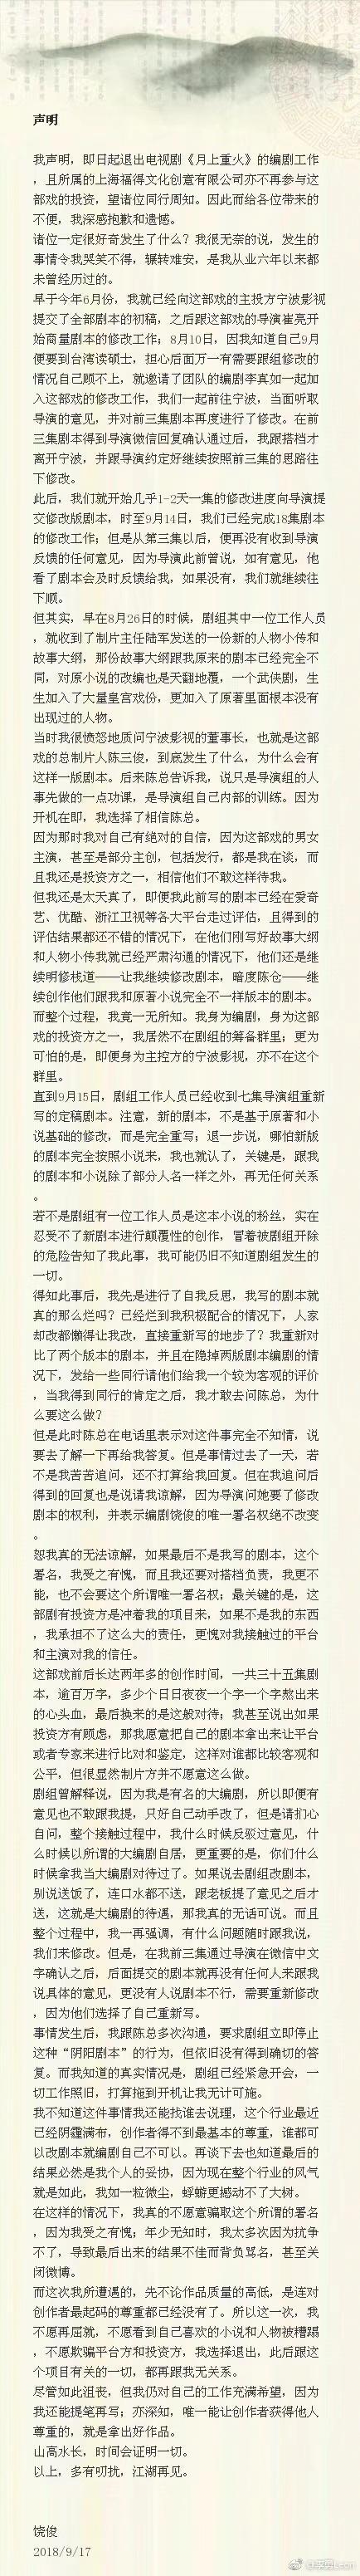 """饶俊自曝遭剧组欺瞒遇""""阴阳剧本""""曝行业恶风气"""